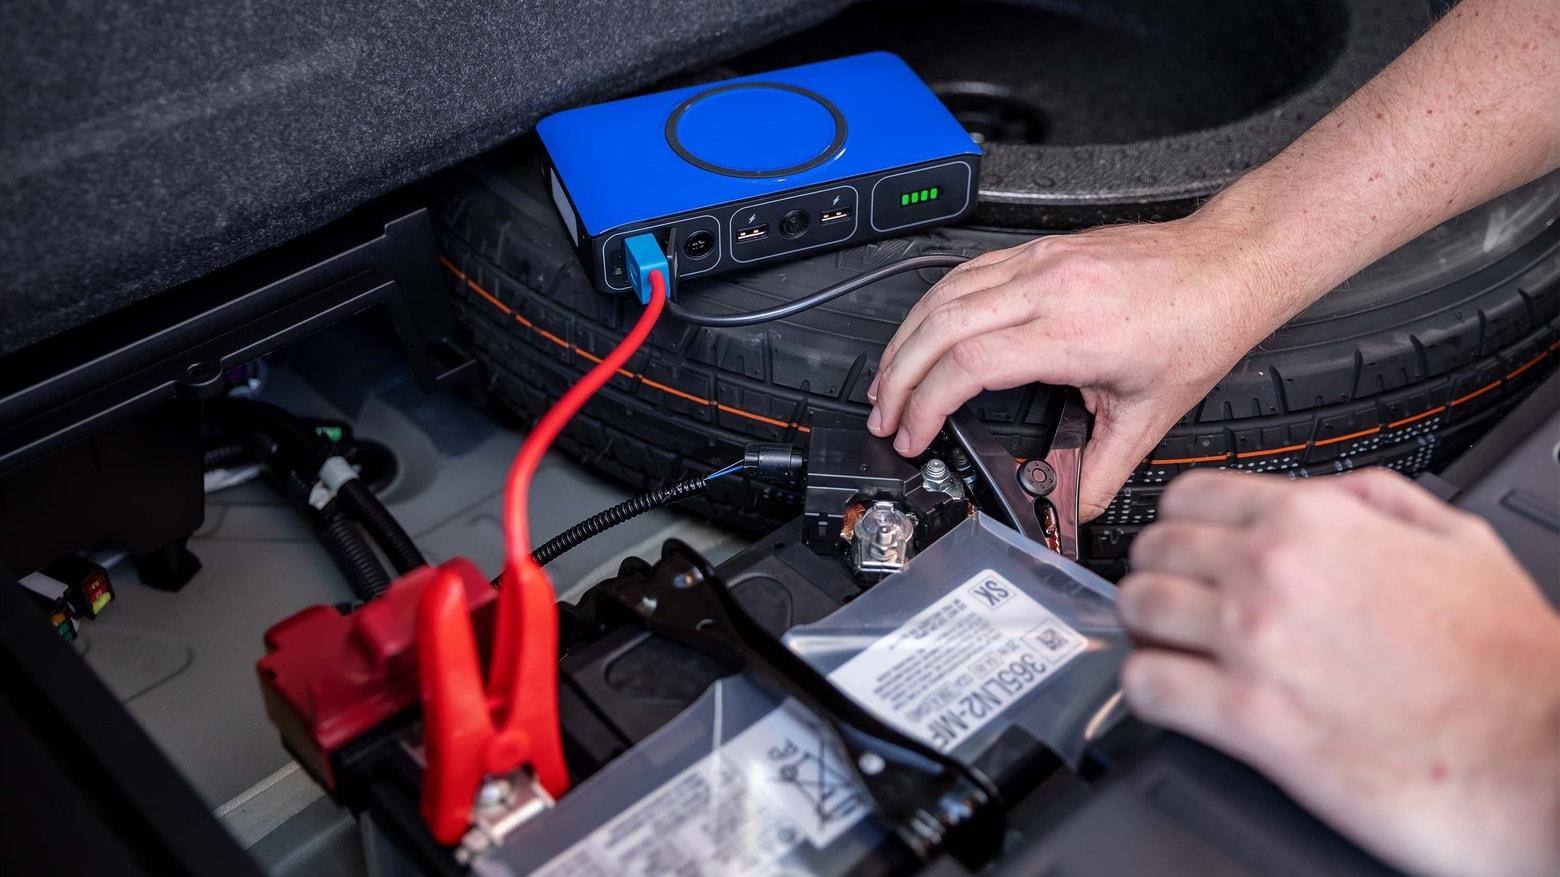 Bateria externa powerstation go, da mophie, fazendo chupeta em carro